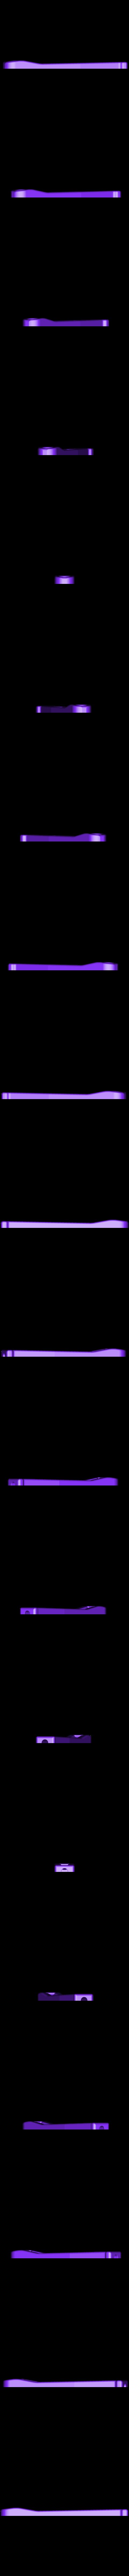 Nadelfeile_Handle.STL Télécharger fichier STL gratuit Poignée Nadelfeile • Design à imprimer en 3D, perinski